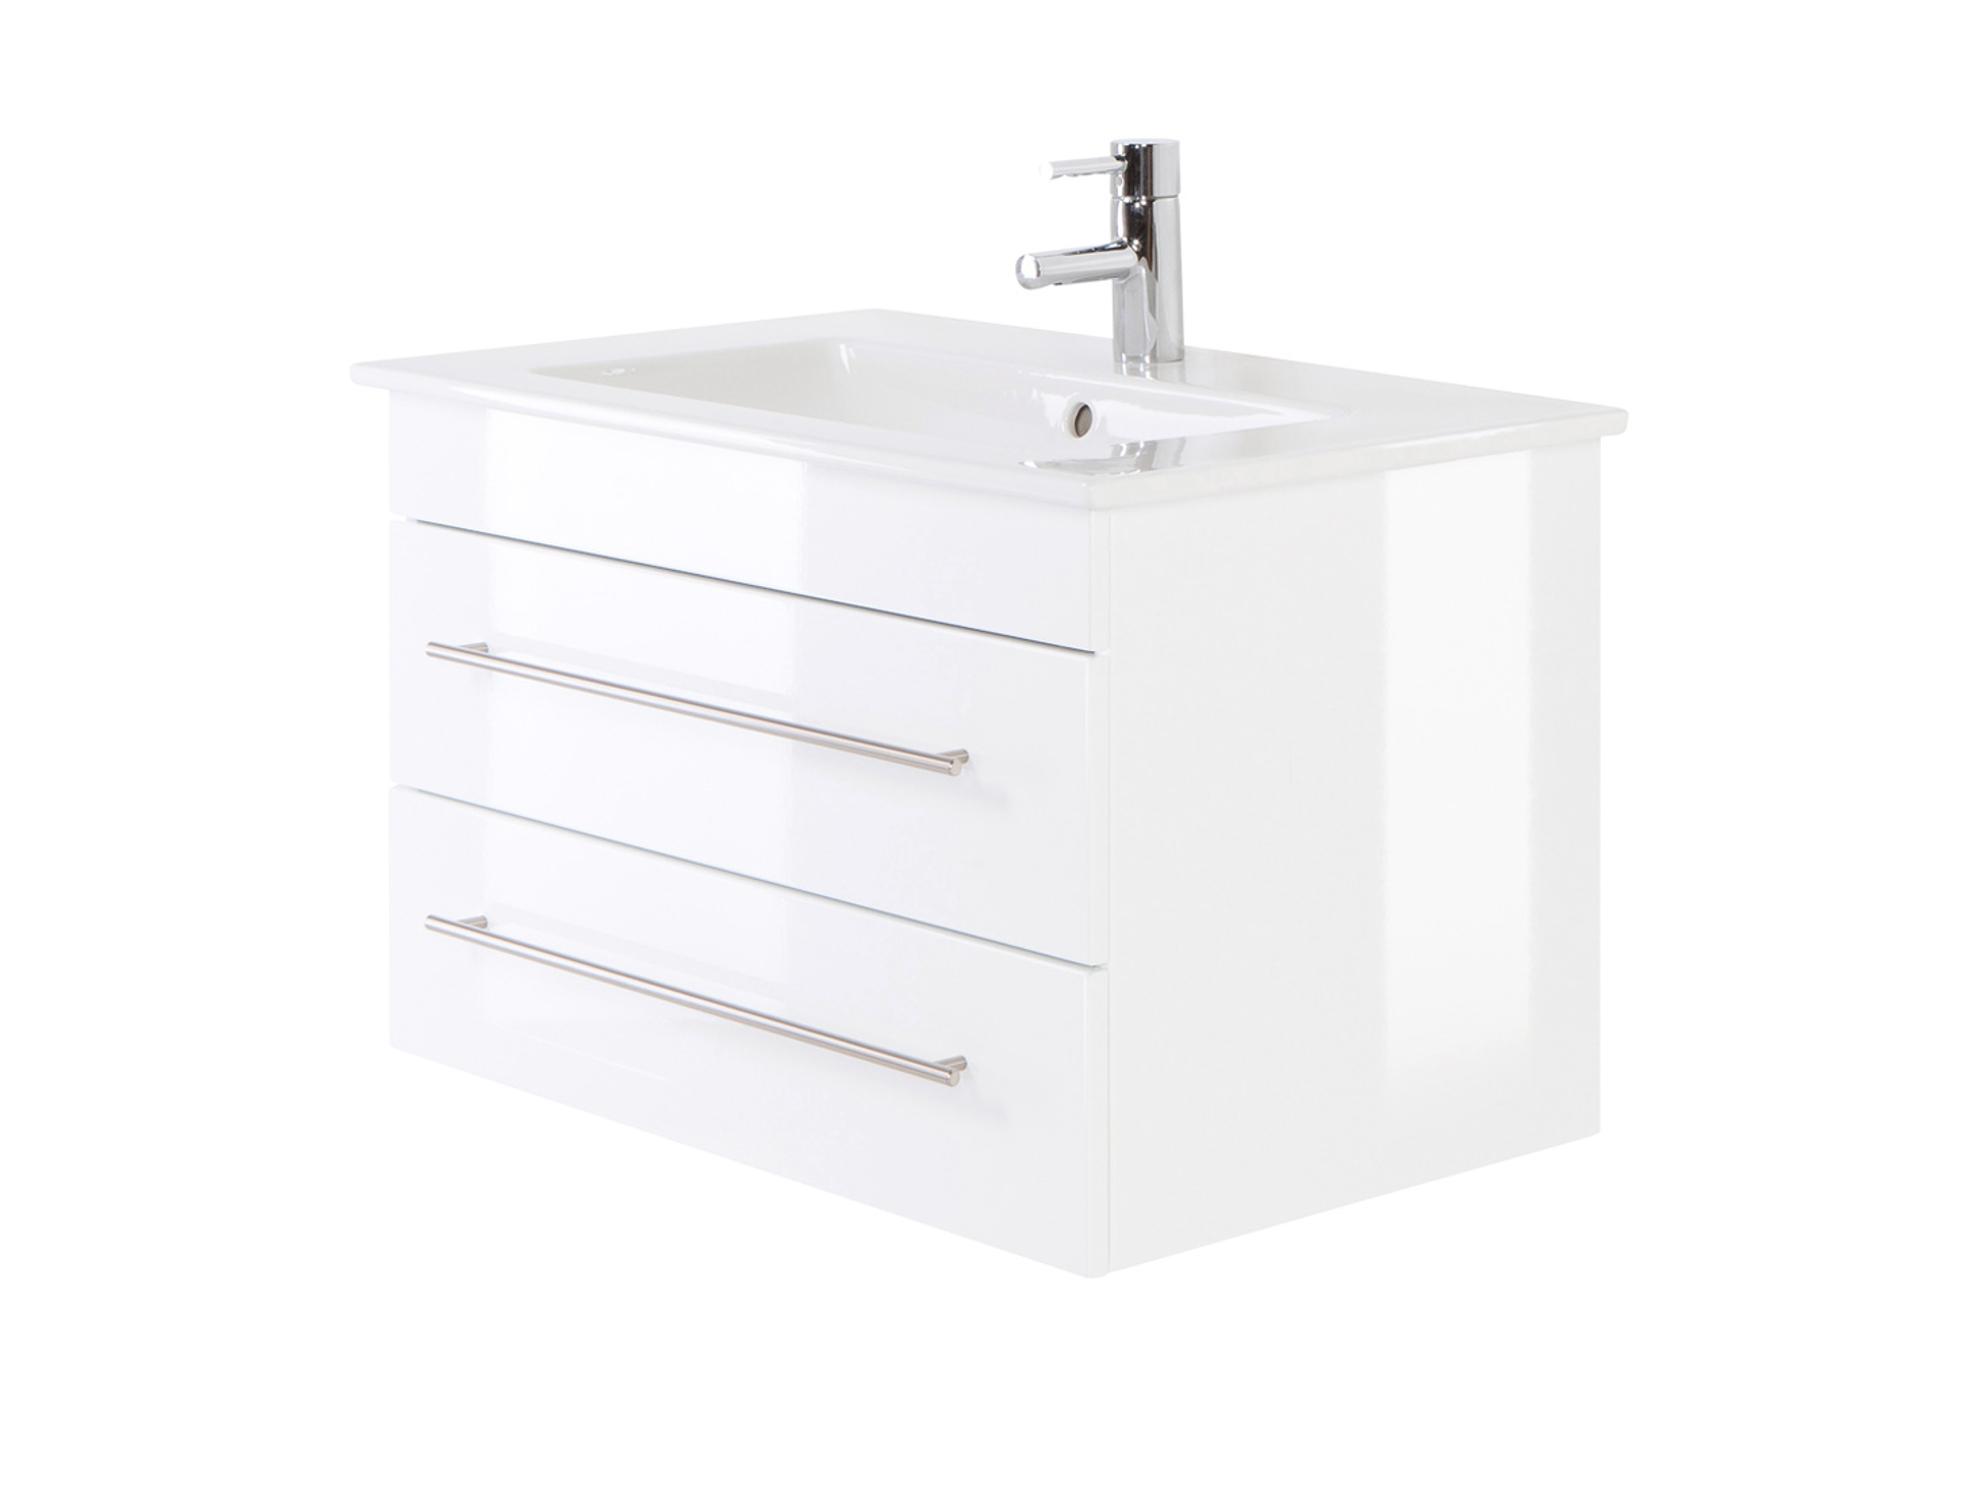 Bad-Waschtisch mit Villeroy & Boch Becken Venticello - 80 cm breit ...